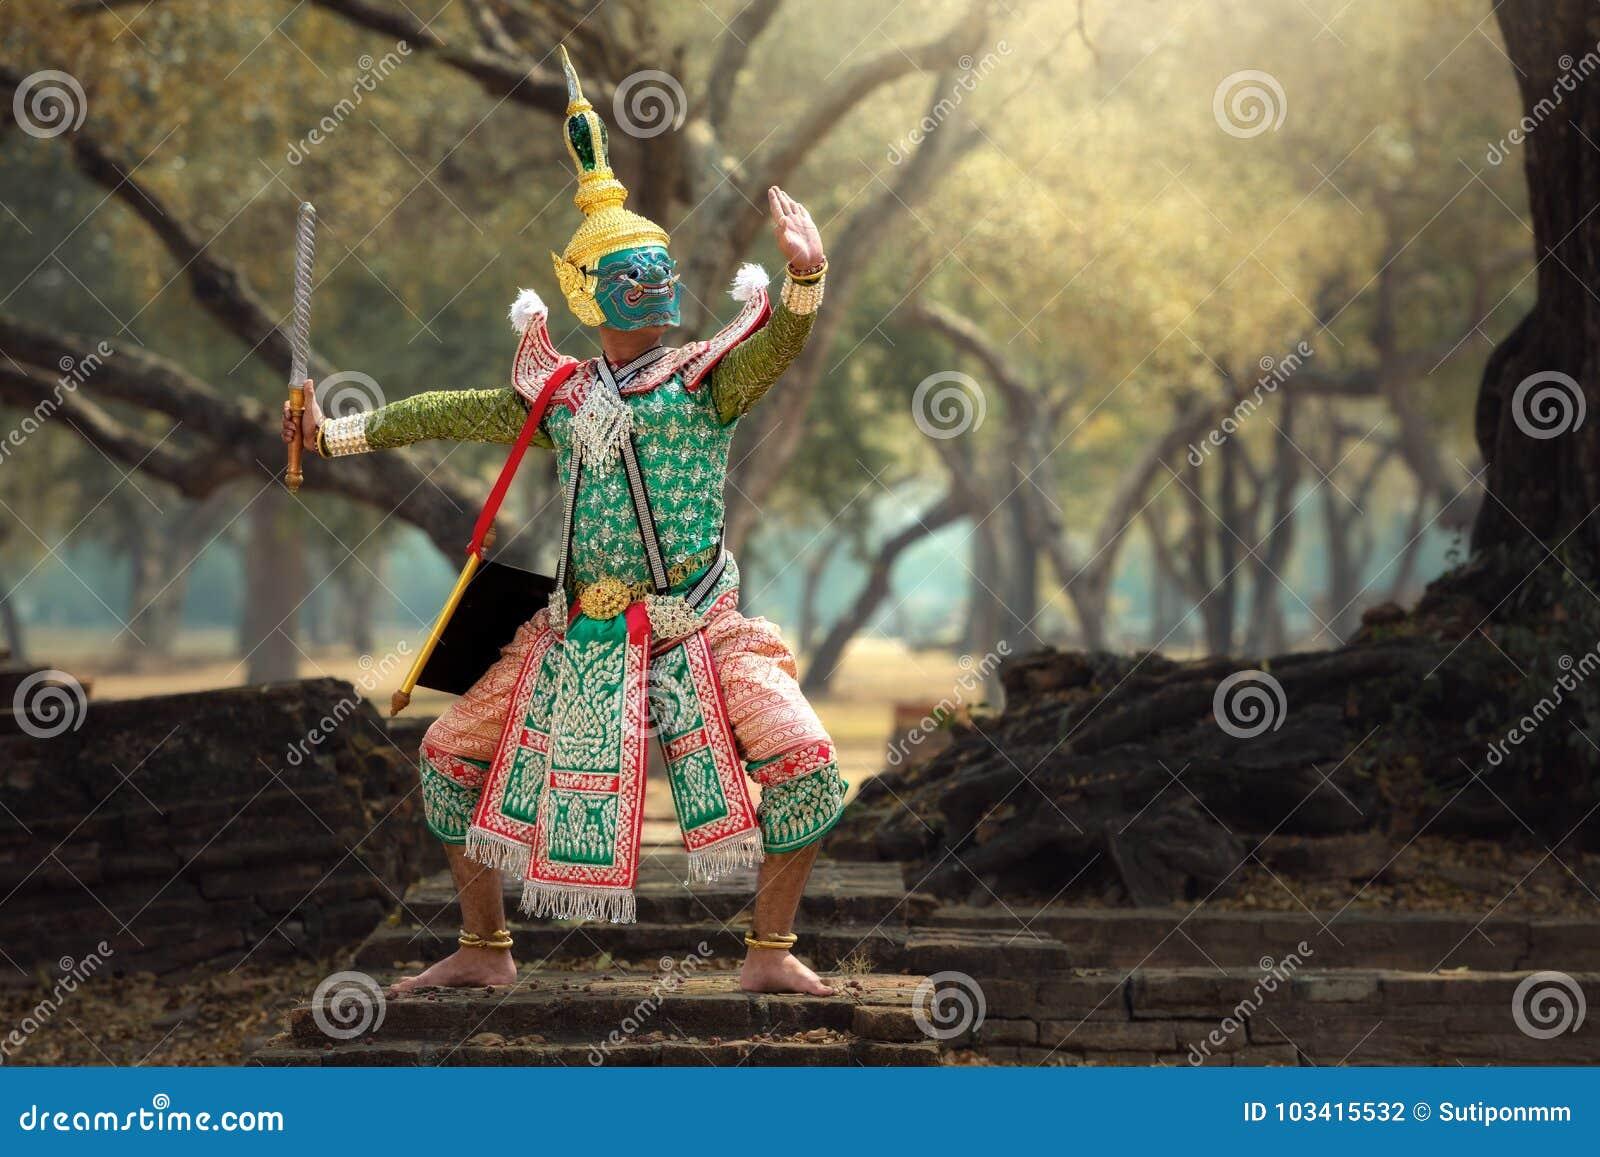 Tailândia a cultura Khon da arte